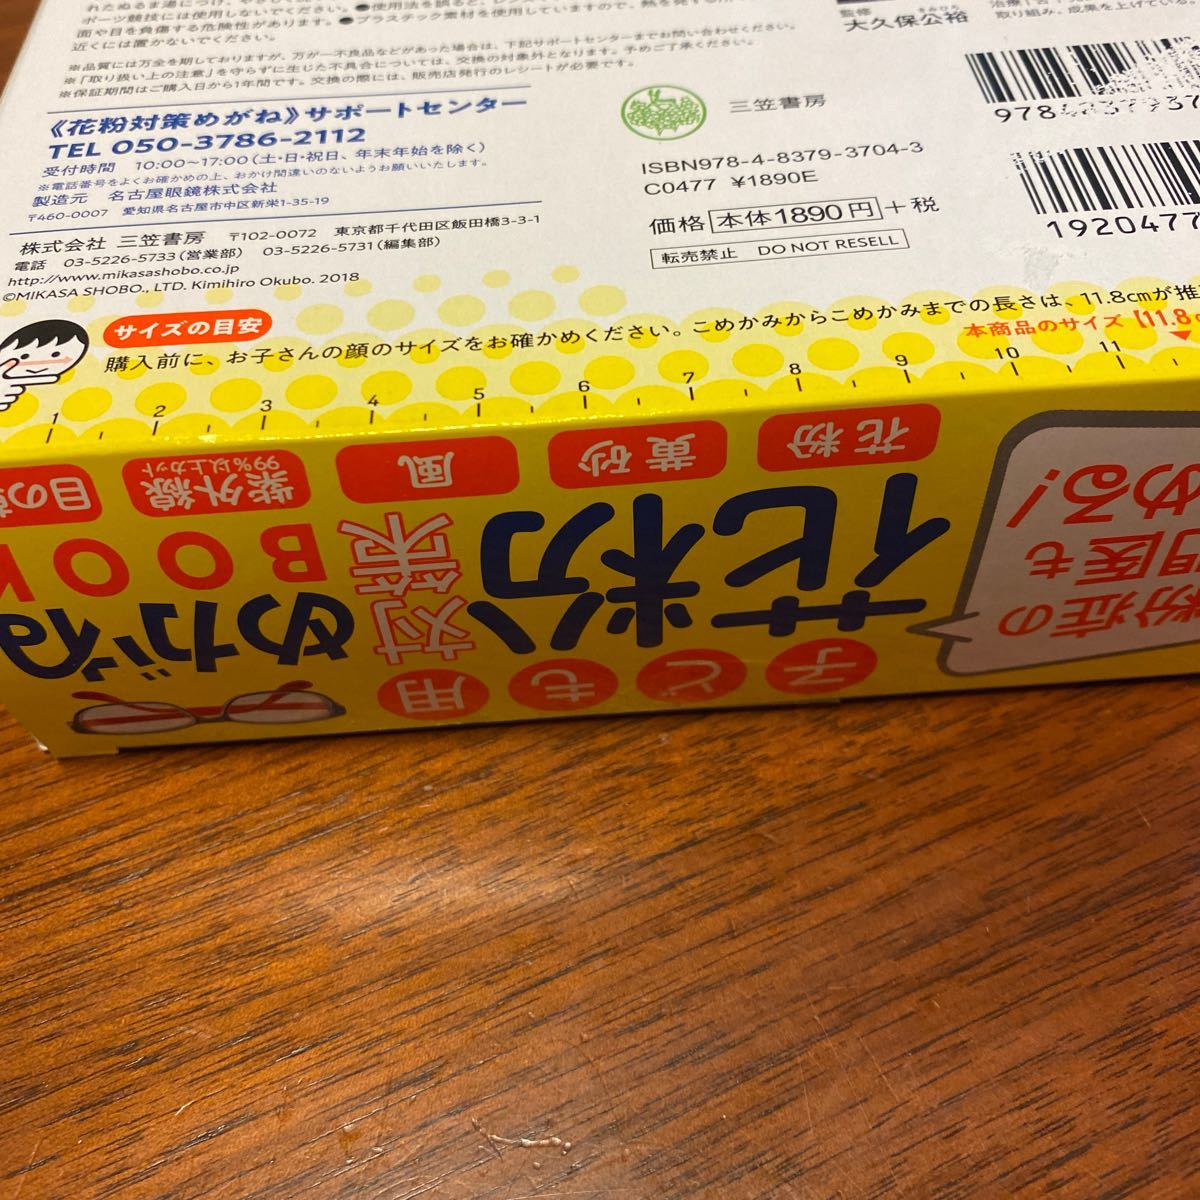 花粉症専門医もすすめる子ども用花粉対策めがねBOOK新品未開封外箱に傷有り_画像5